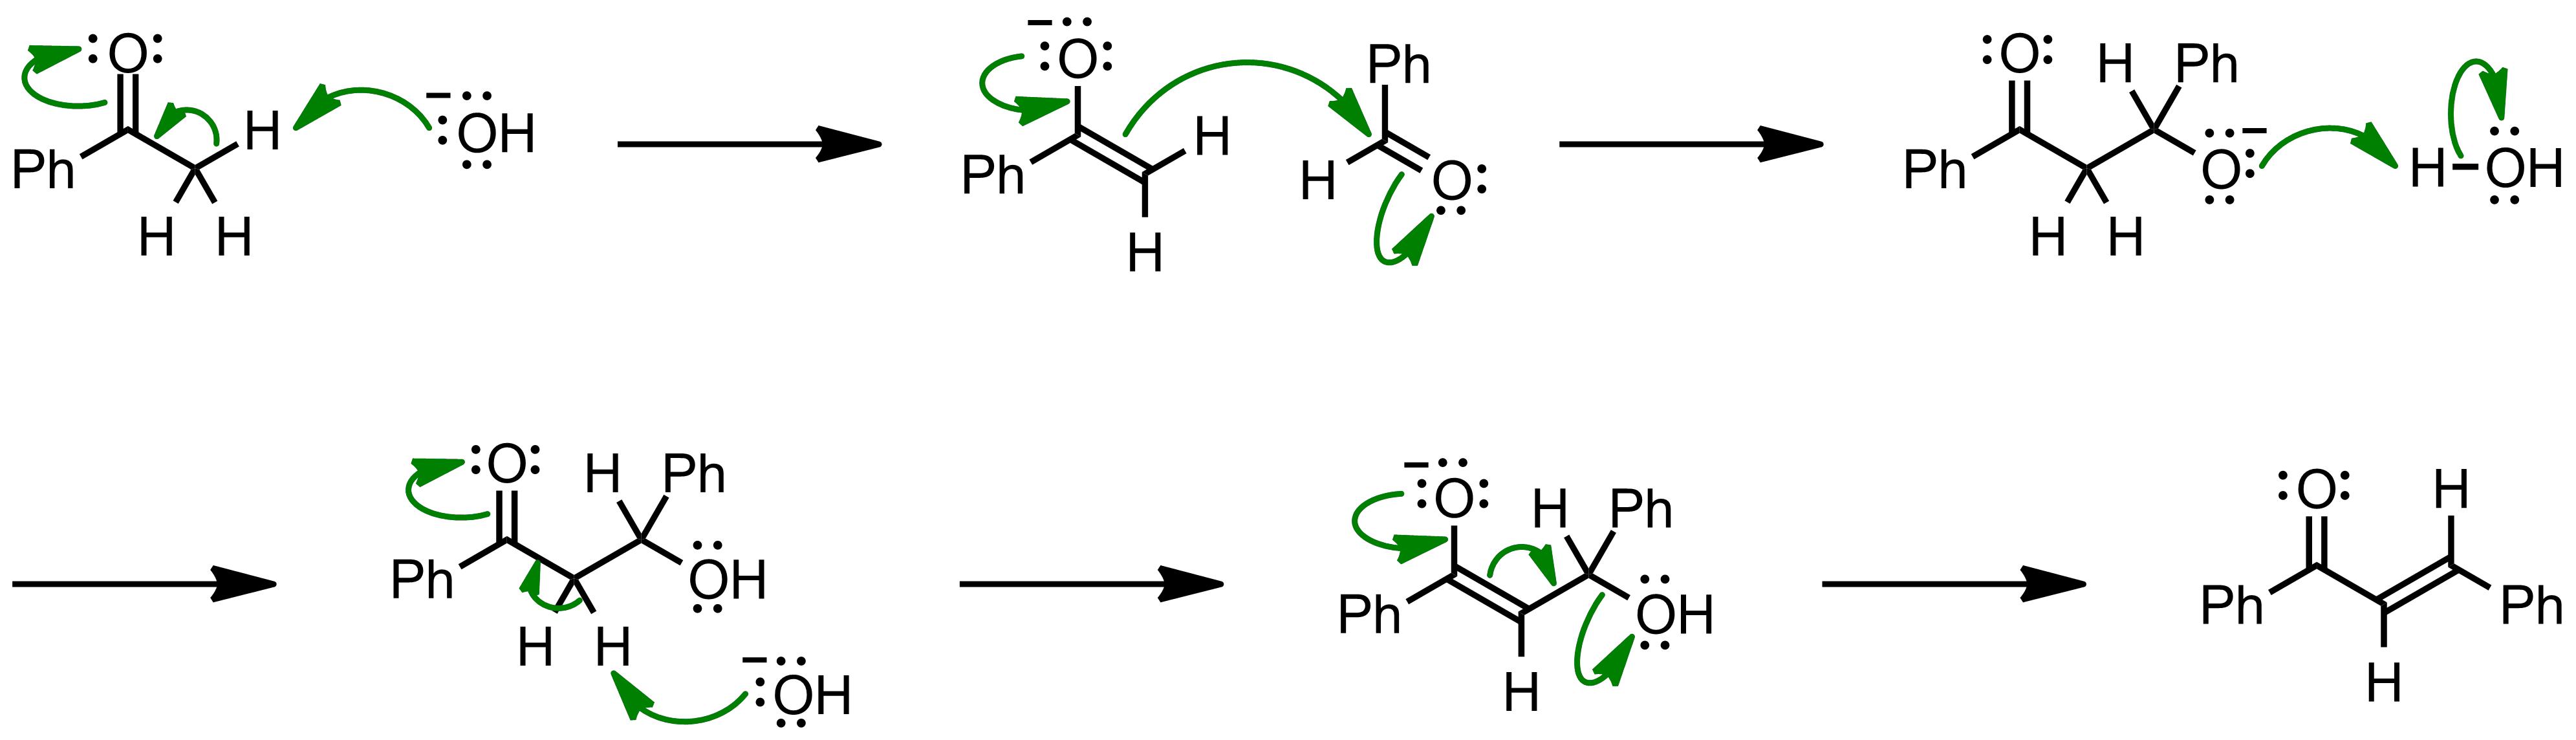 Mechanism of the Claisen-Schmidt Condensation